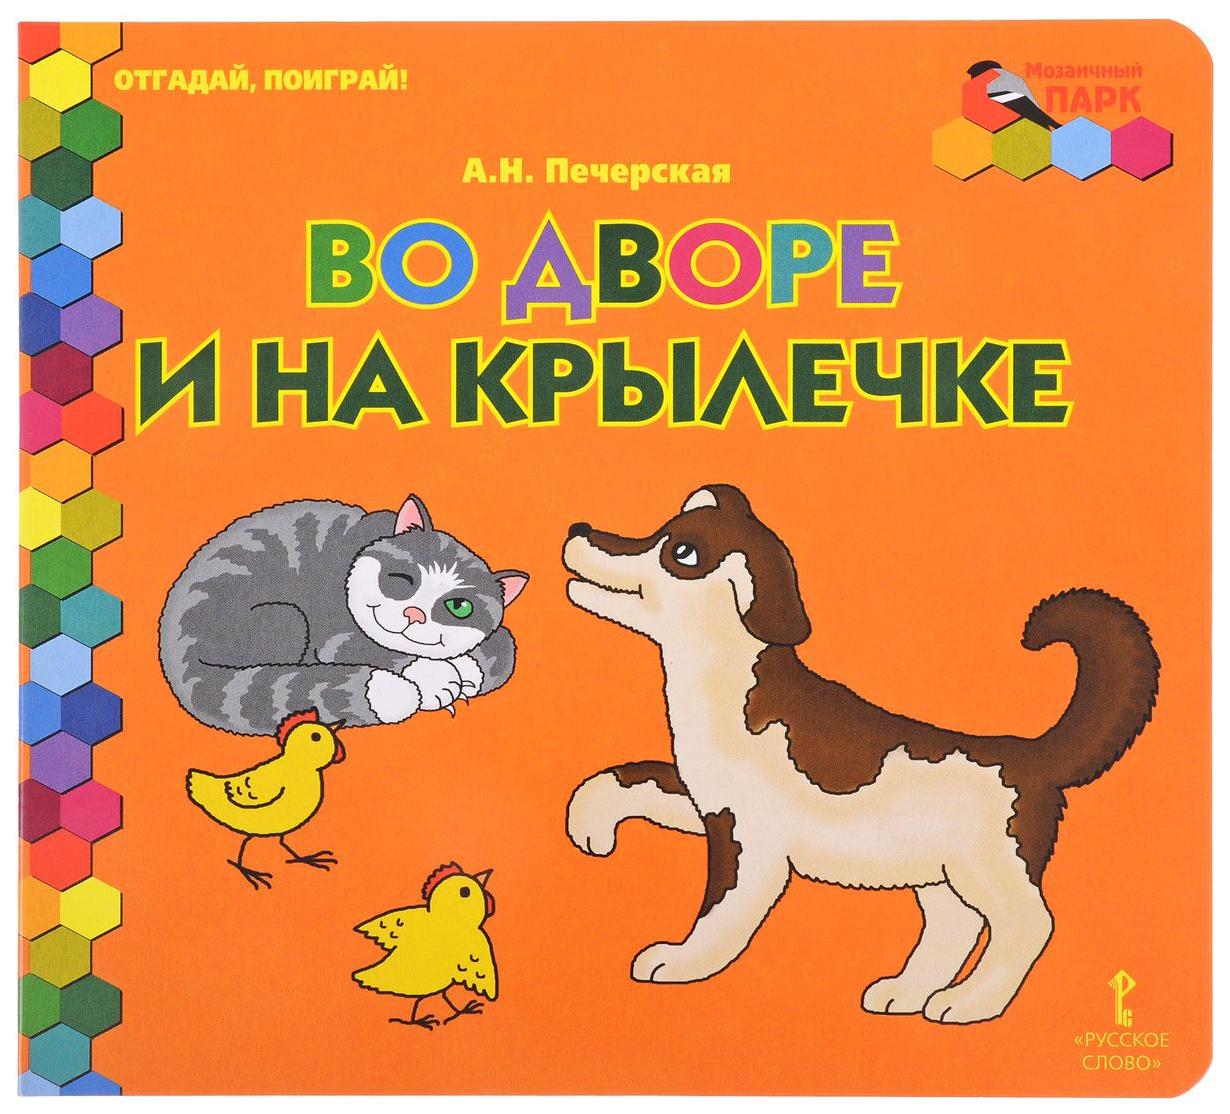 Купить Книга Русское Слово печерская А.Н. Отгадай, поиграй! Во Дворе и на крылечке, Русское слово, Книги по обучению и развитию детей